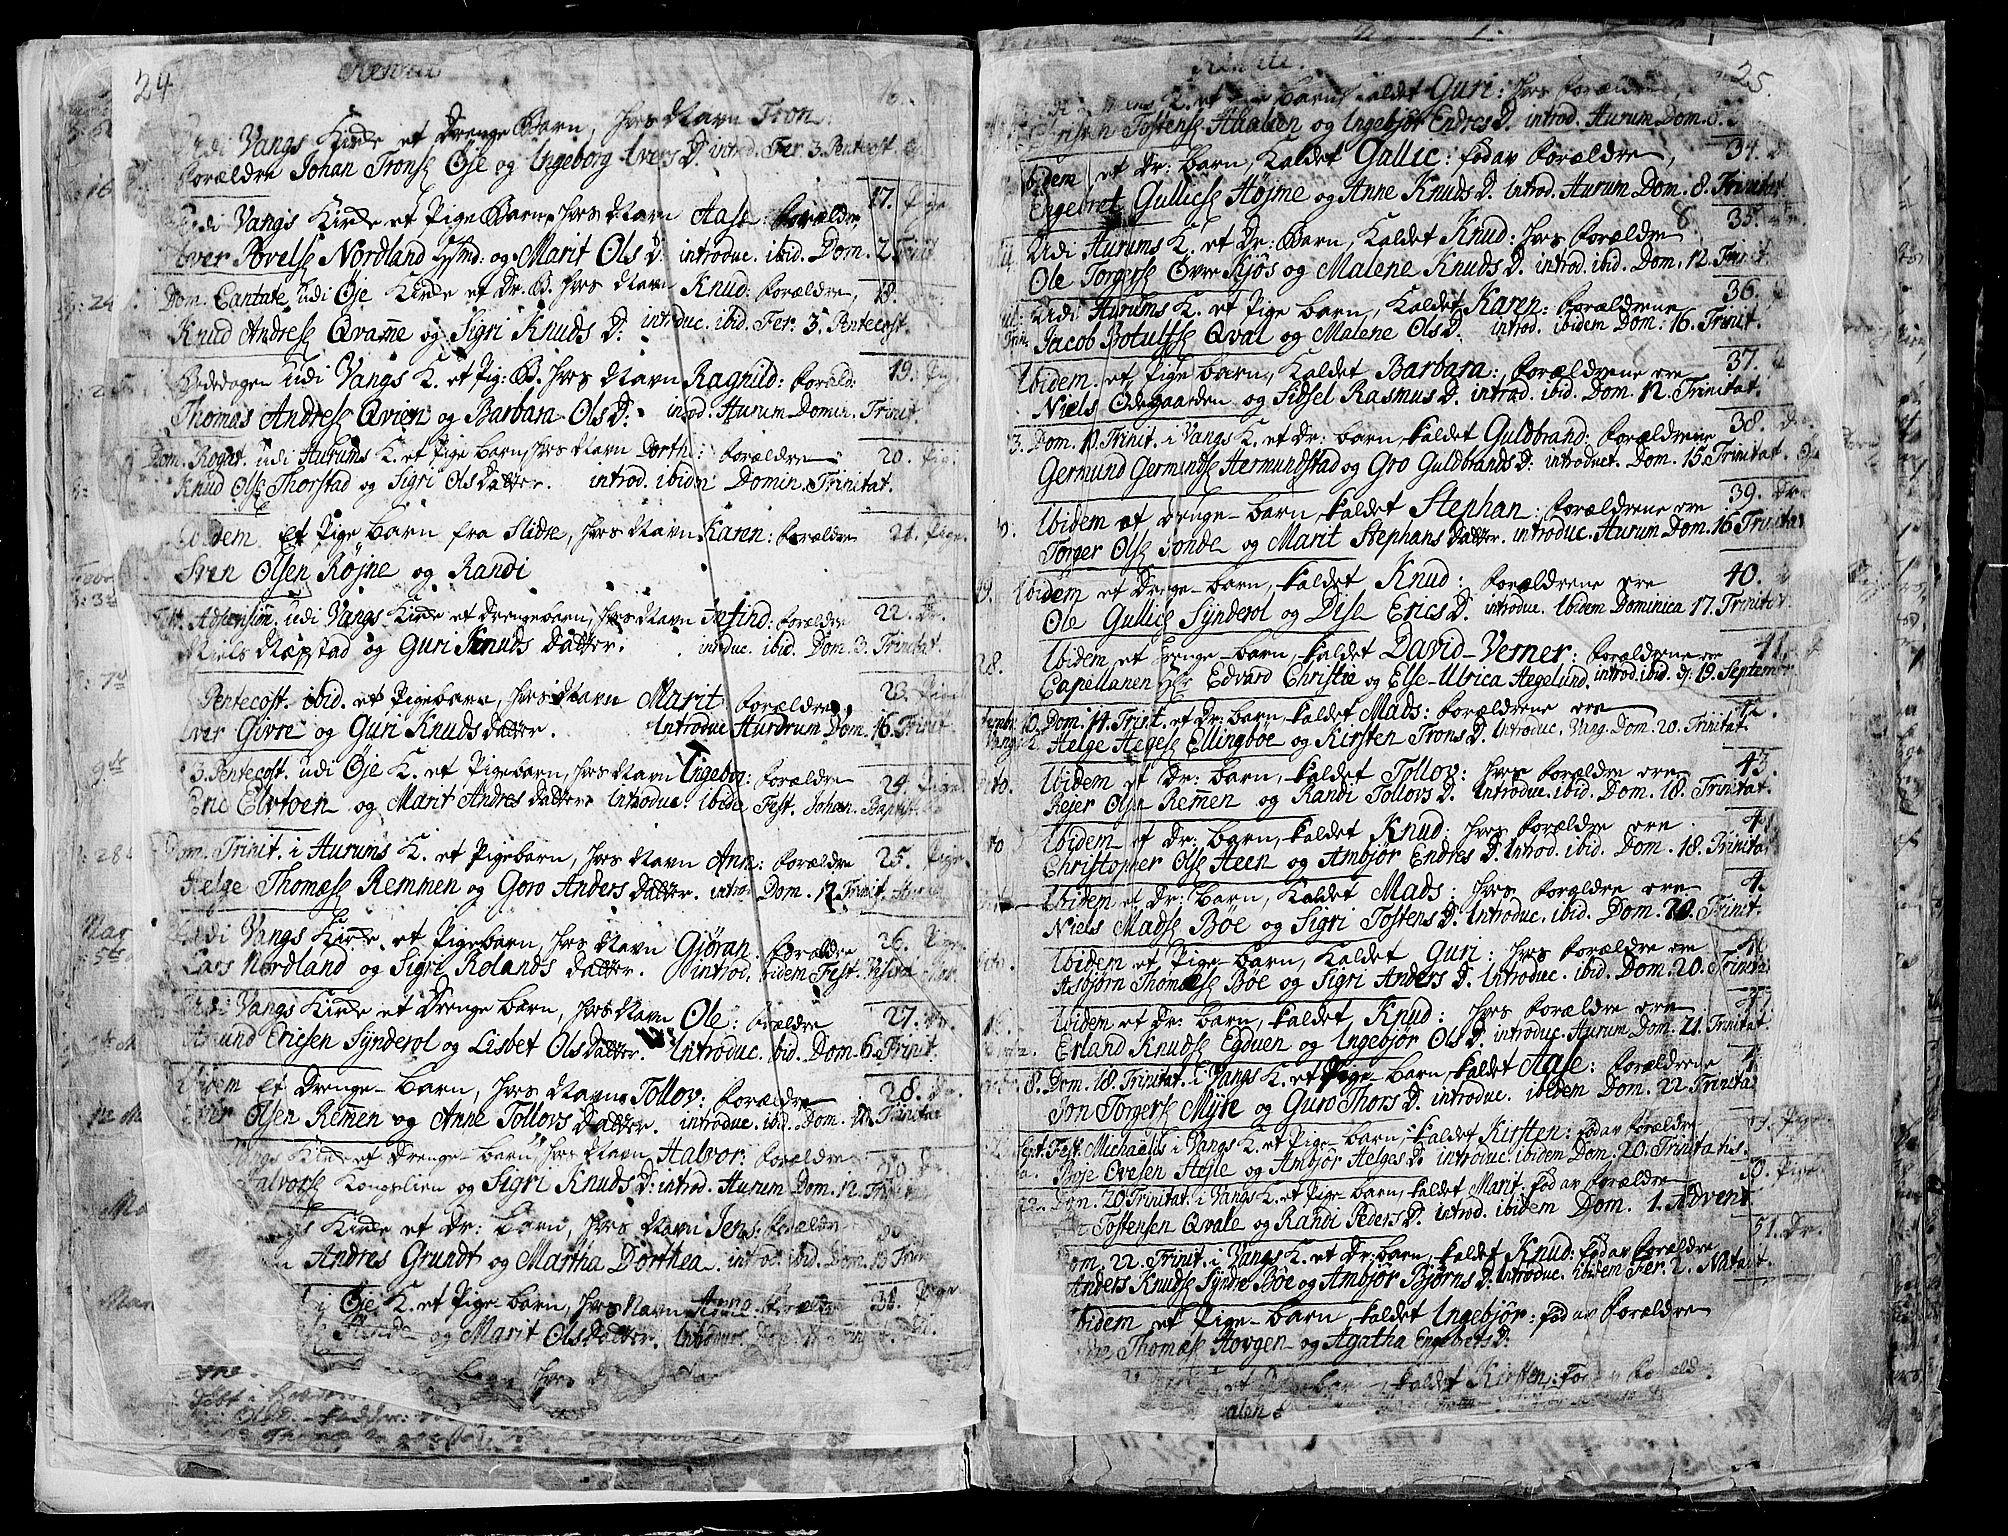 SAH, Vang prestekontor, Valdres, Ministerialbok nr. 1, 1730-1796, s. 24-25